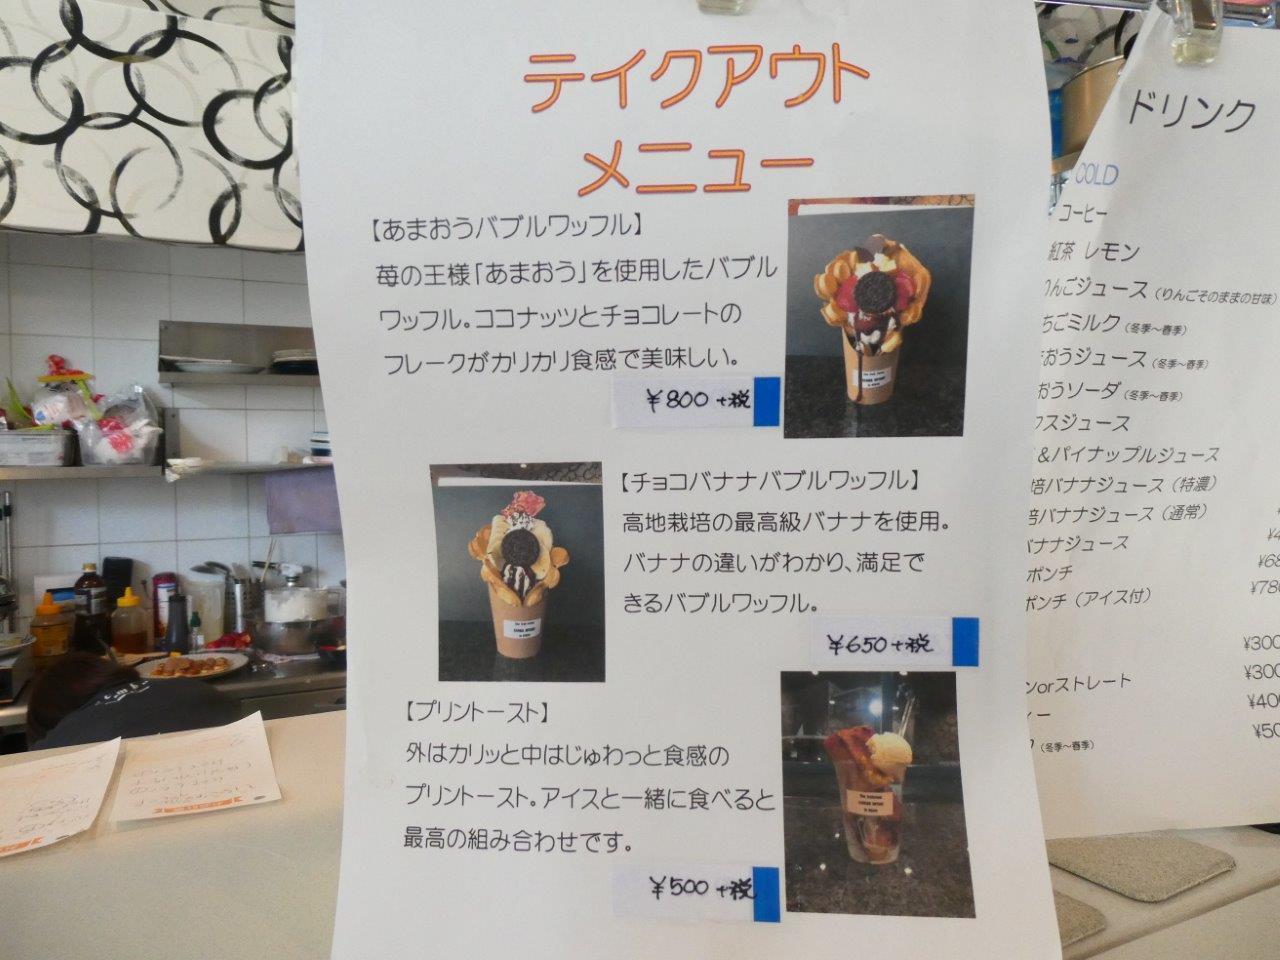 千馬ミヤビ (Miyabi)果物に精通した_d0106134_16001630.jpg